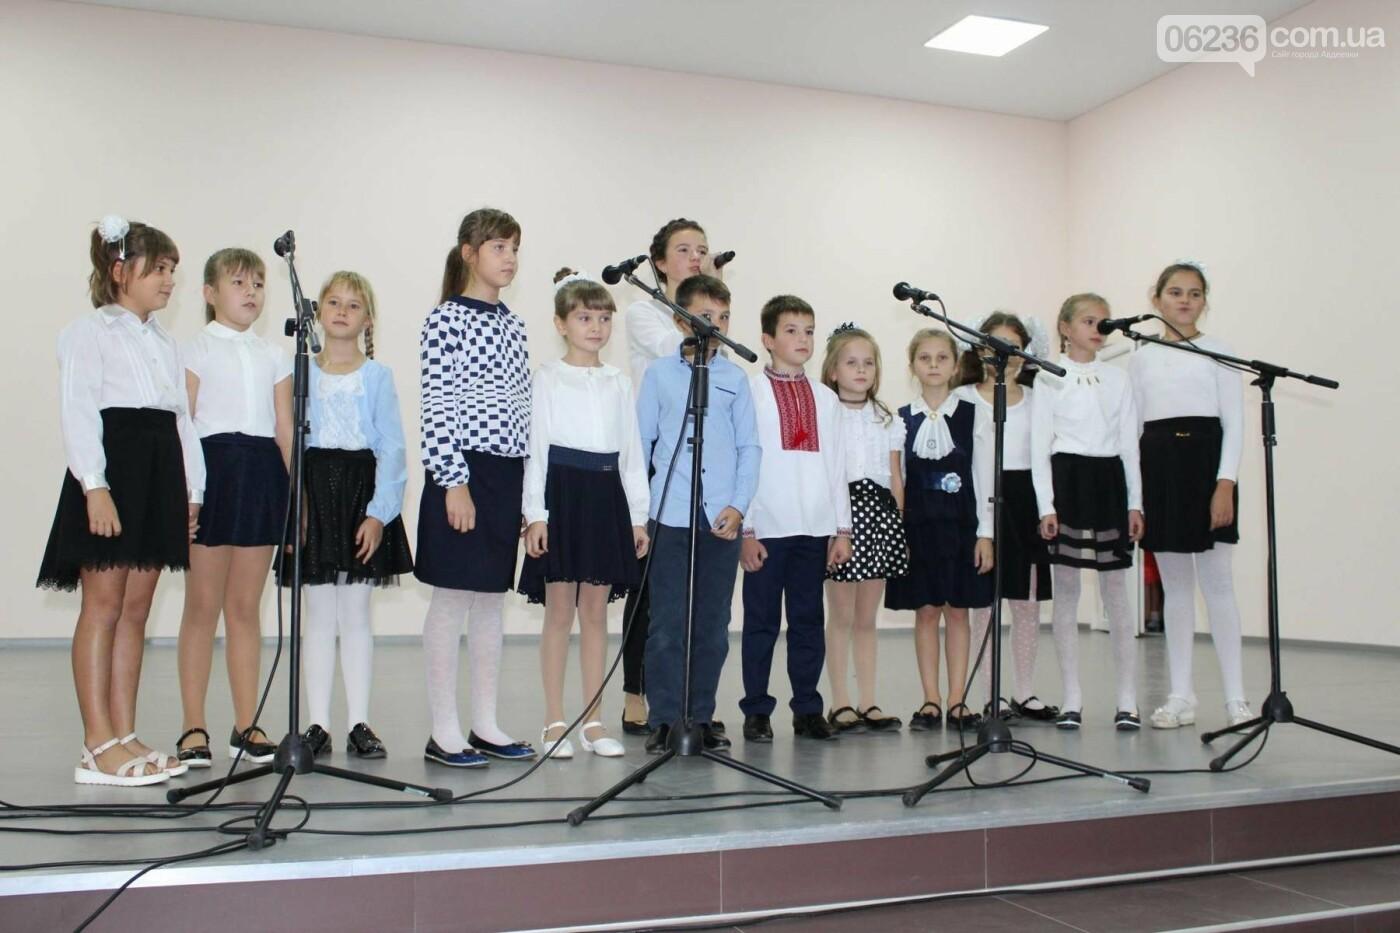 Авдеевских учителей поздравили с профессиональным праздником (ФОТО), фото-5